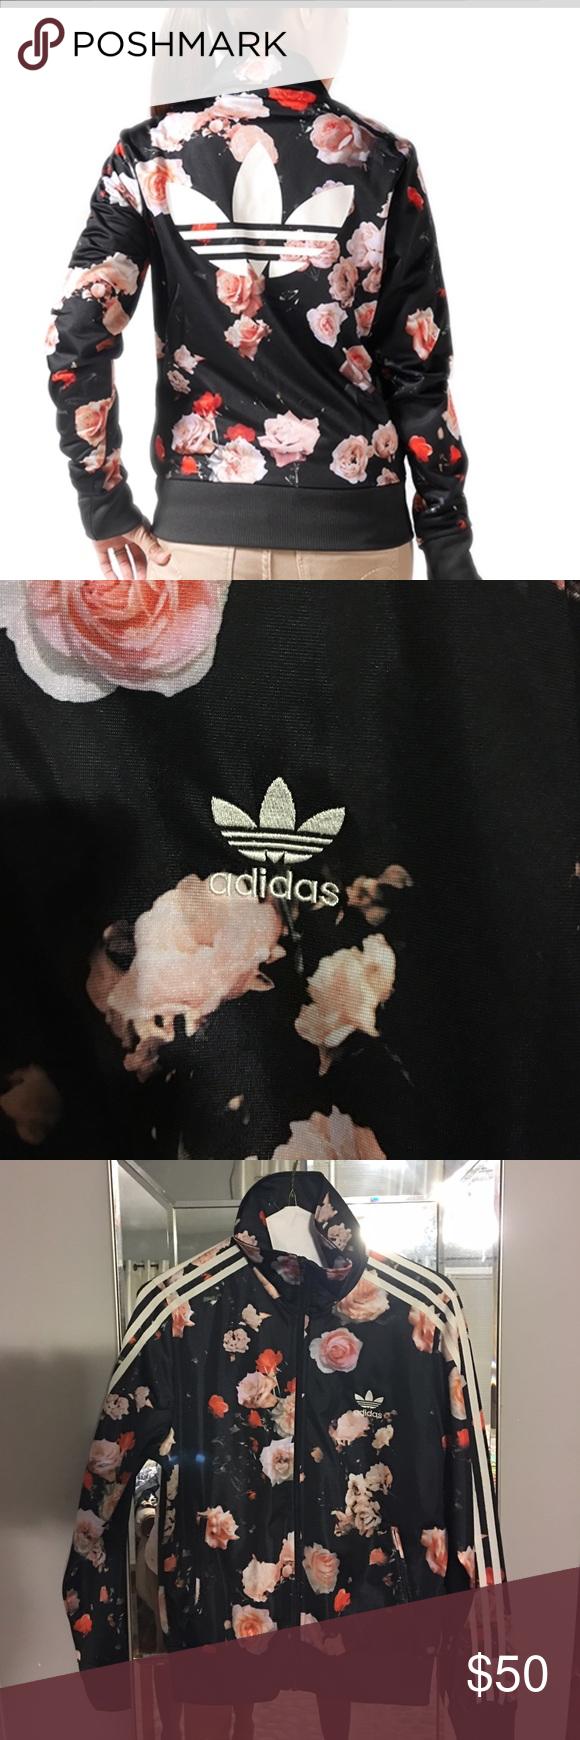 adidas firebird rose flower